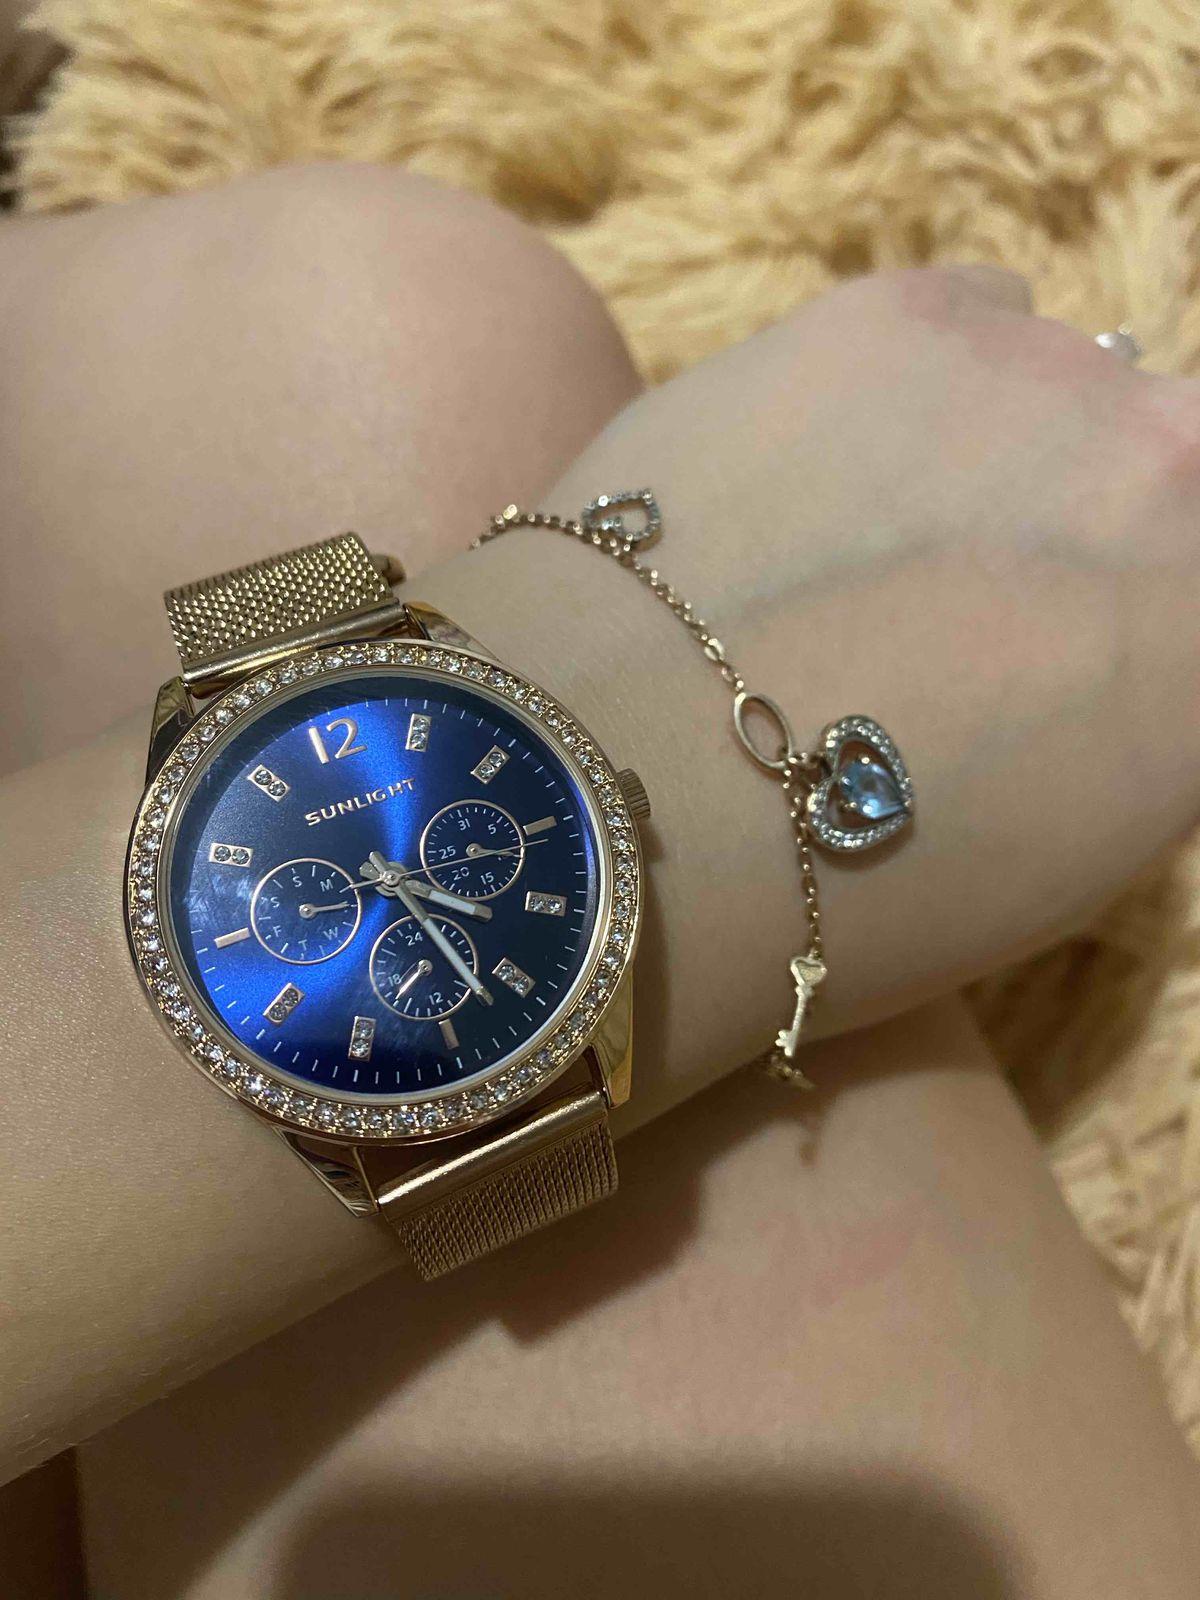 Часы с красивым дизайном за небольшую стоимость